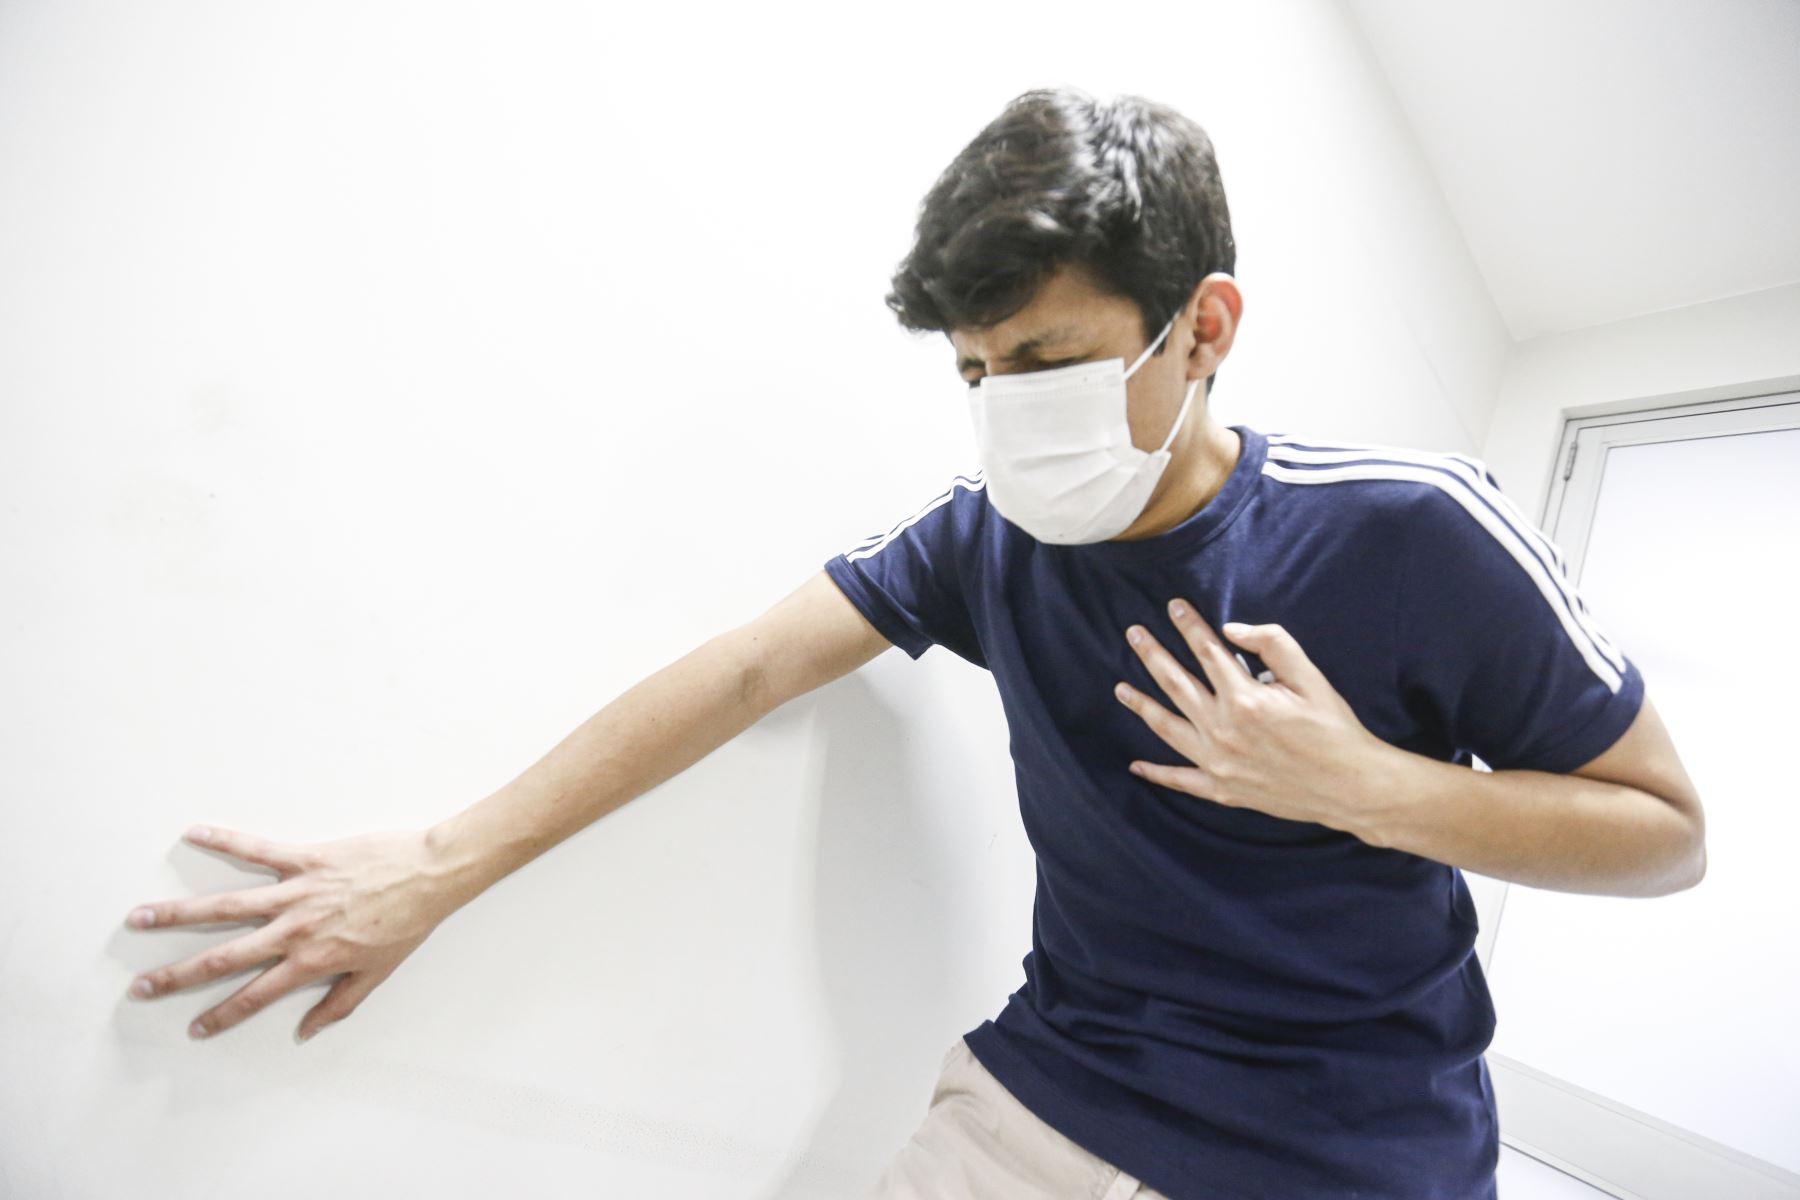 El covid-19 puede despertar o empeorar las arritmias cardiacas en una persona que contrae la enfermedad o provocar que un paciente hipertenso acentúe su problema. Foto: ANDINA/Municipalidad de Lima